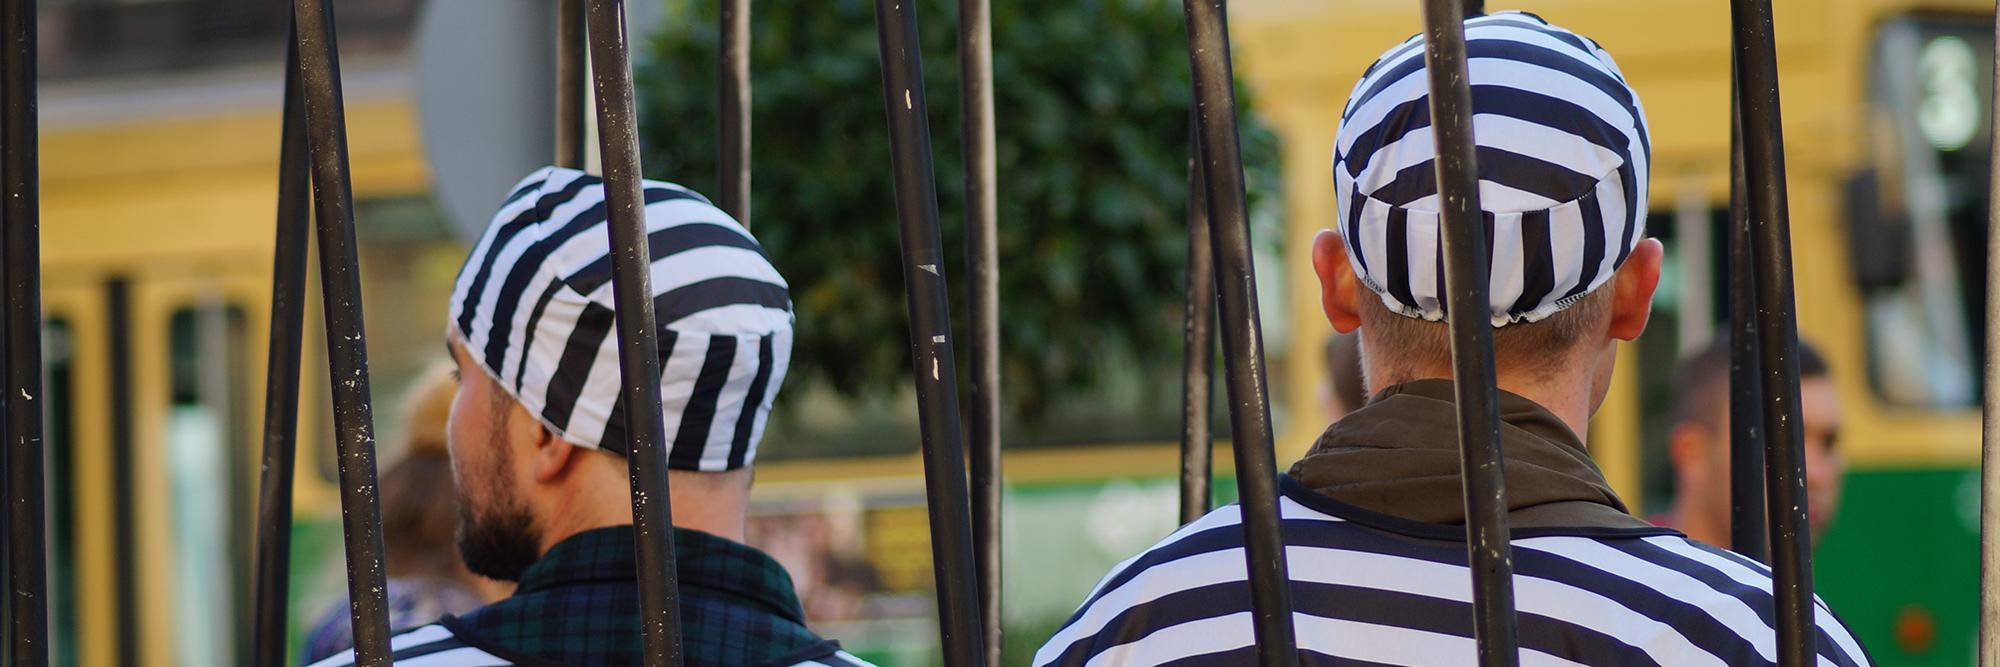 Kaksi vankipukuista miesoletettua kaltereiden takana